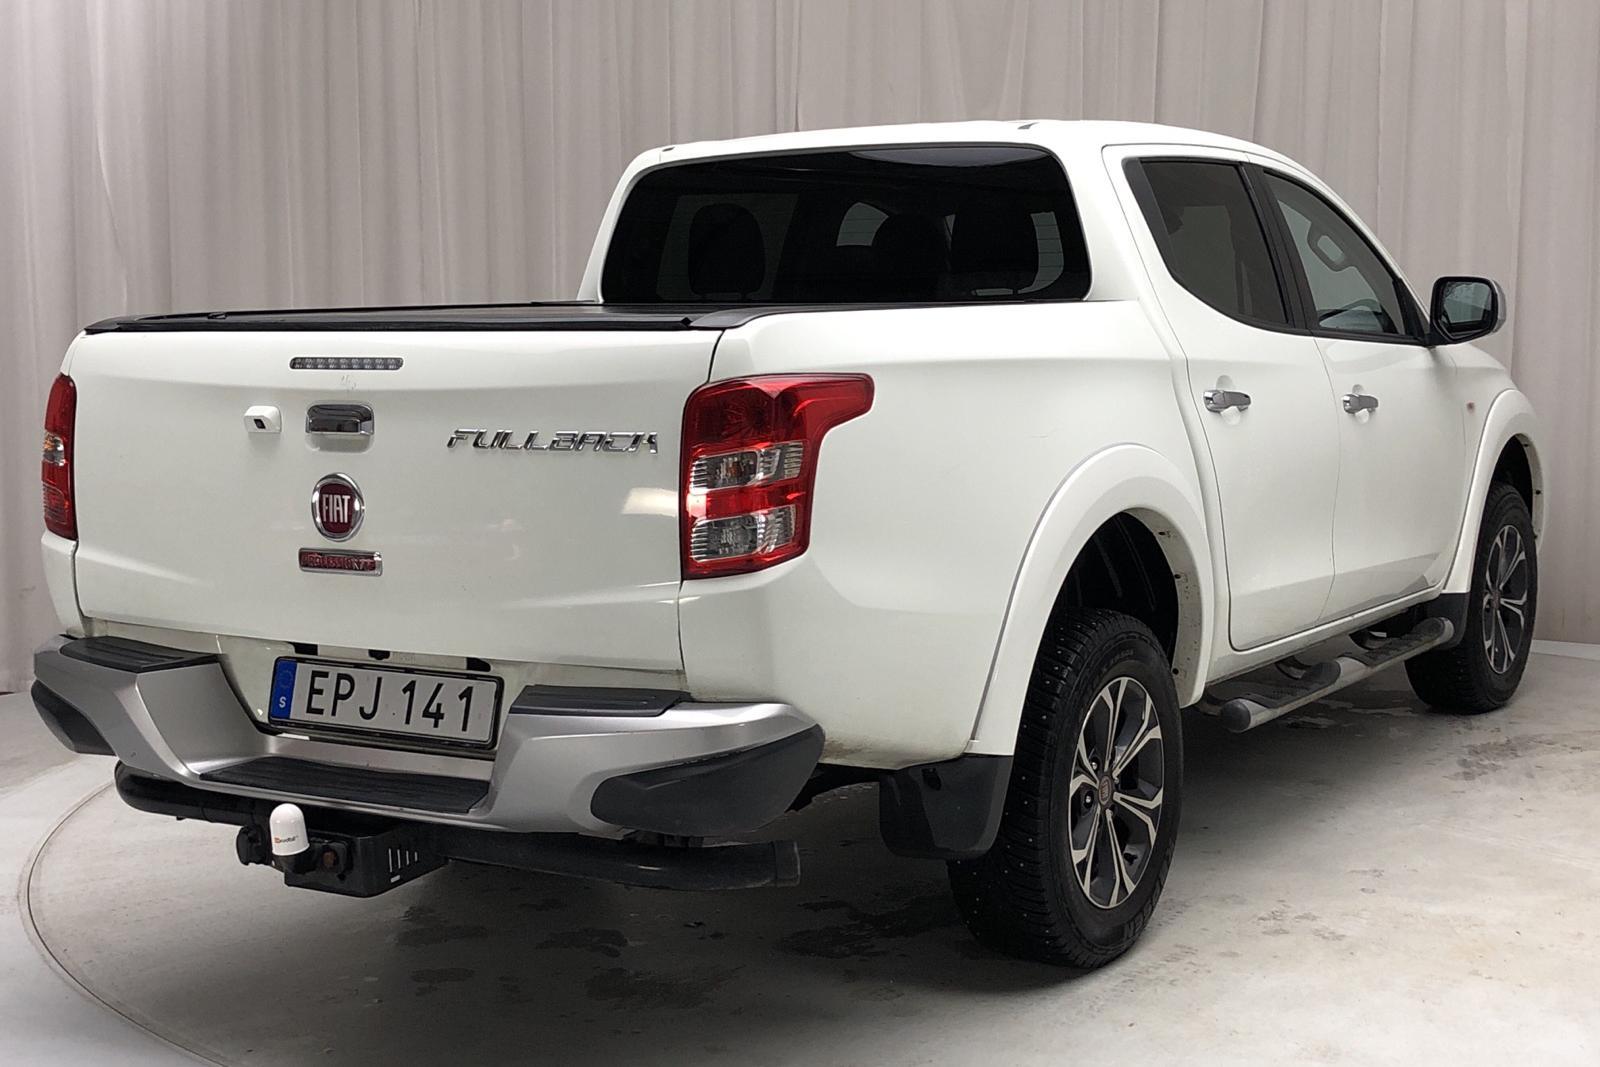 Fiat Fullback 2.4 4x4 (180hk) - 125 820 km - Manual - white - 2016